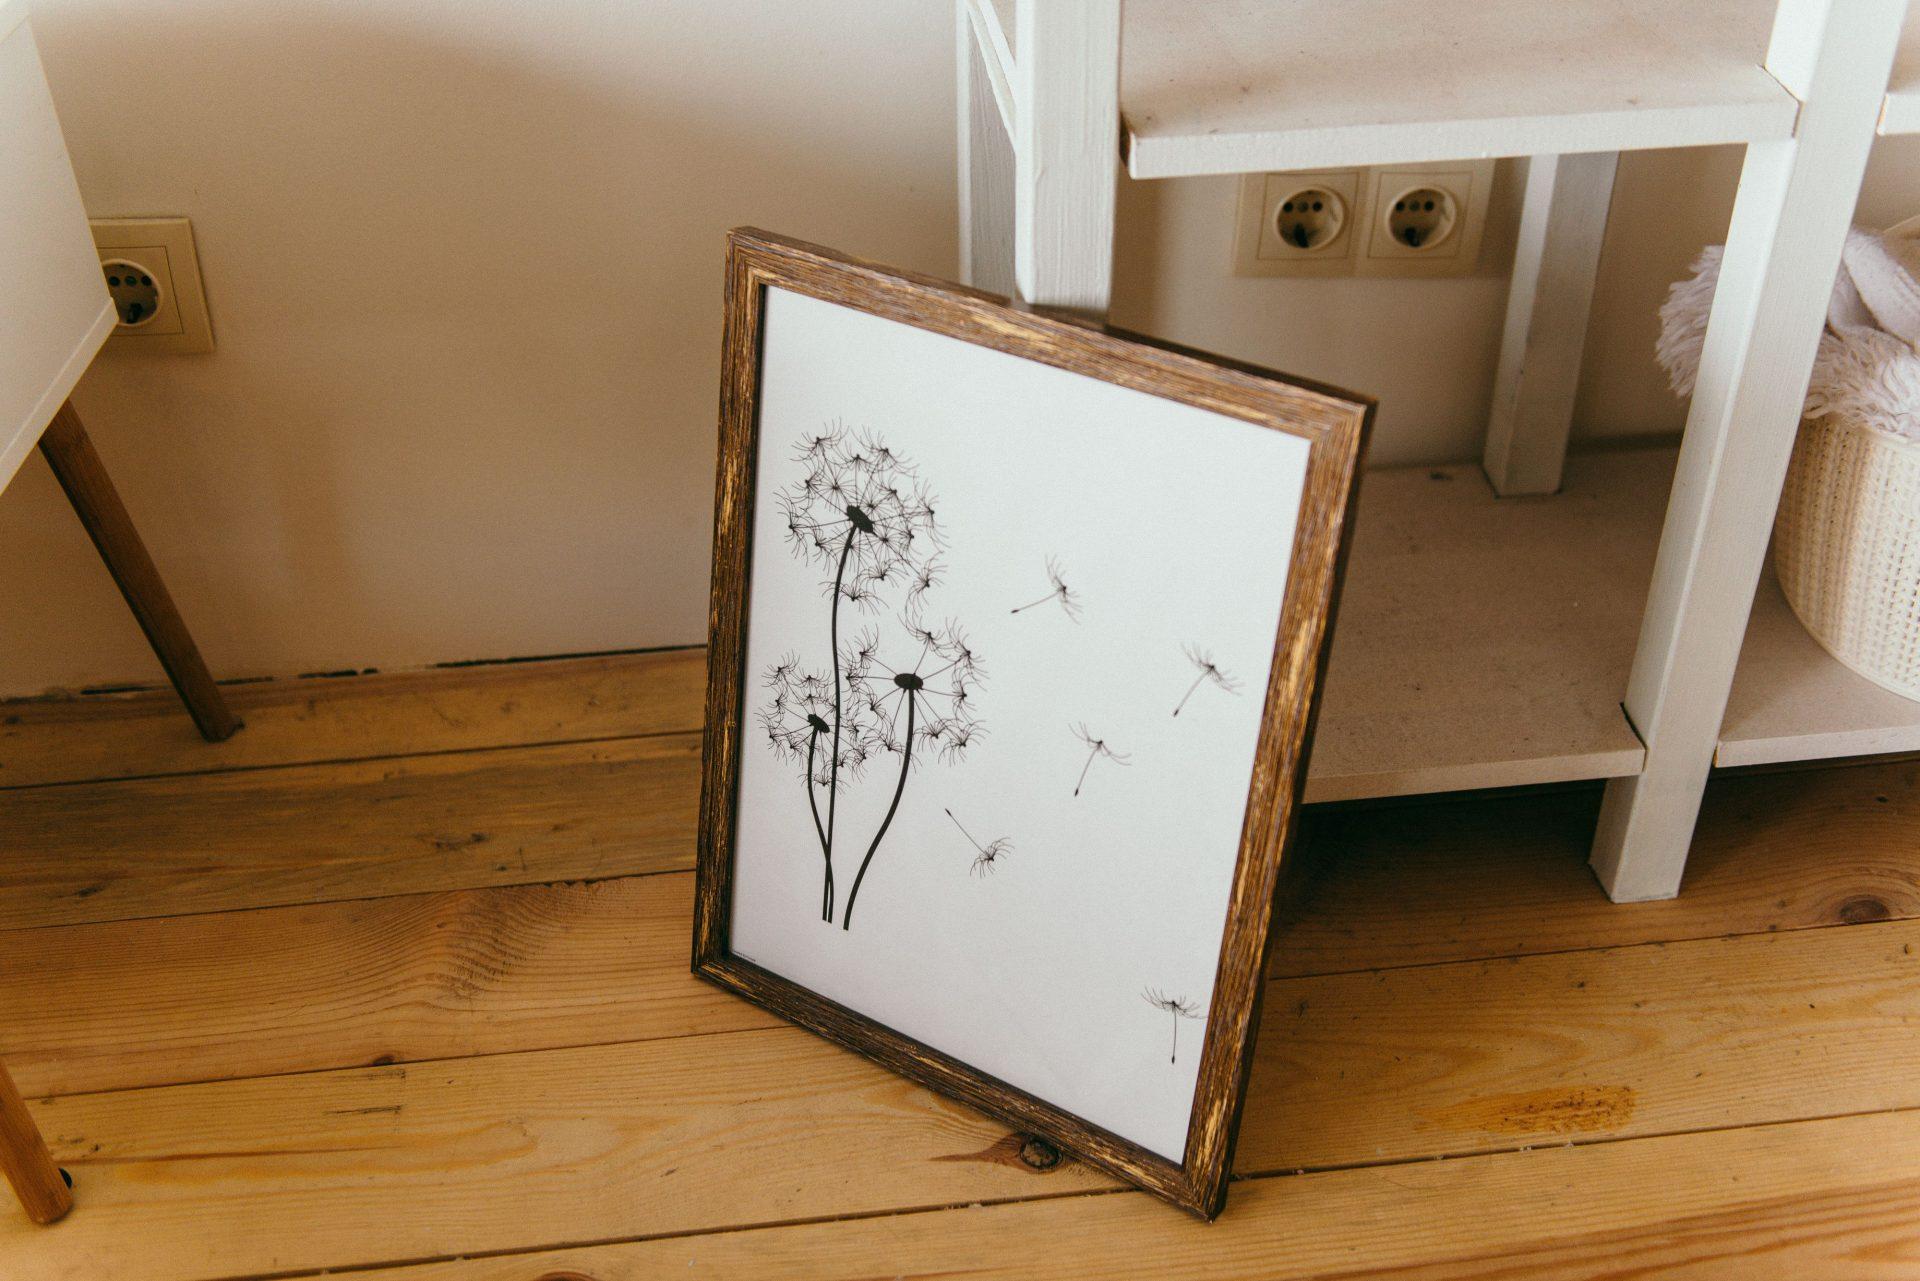 pupava-obraz-kresba-interier-dreveny-ram-podlaha